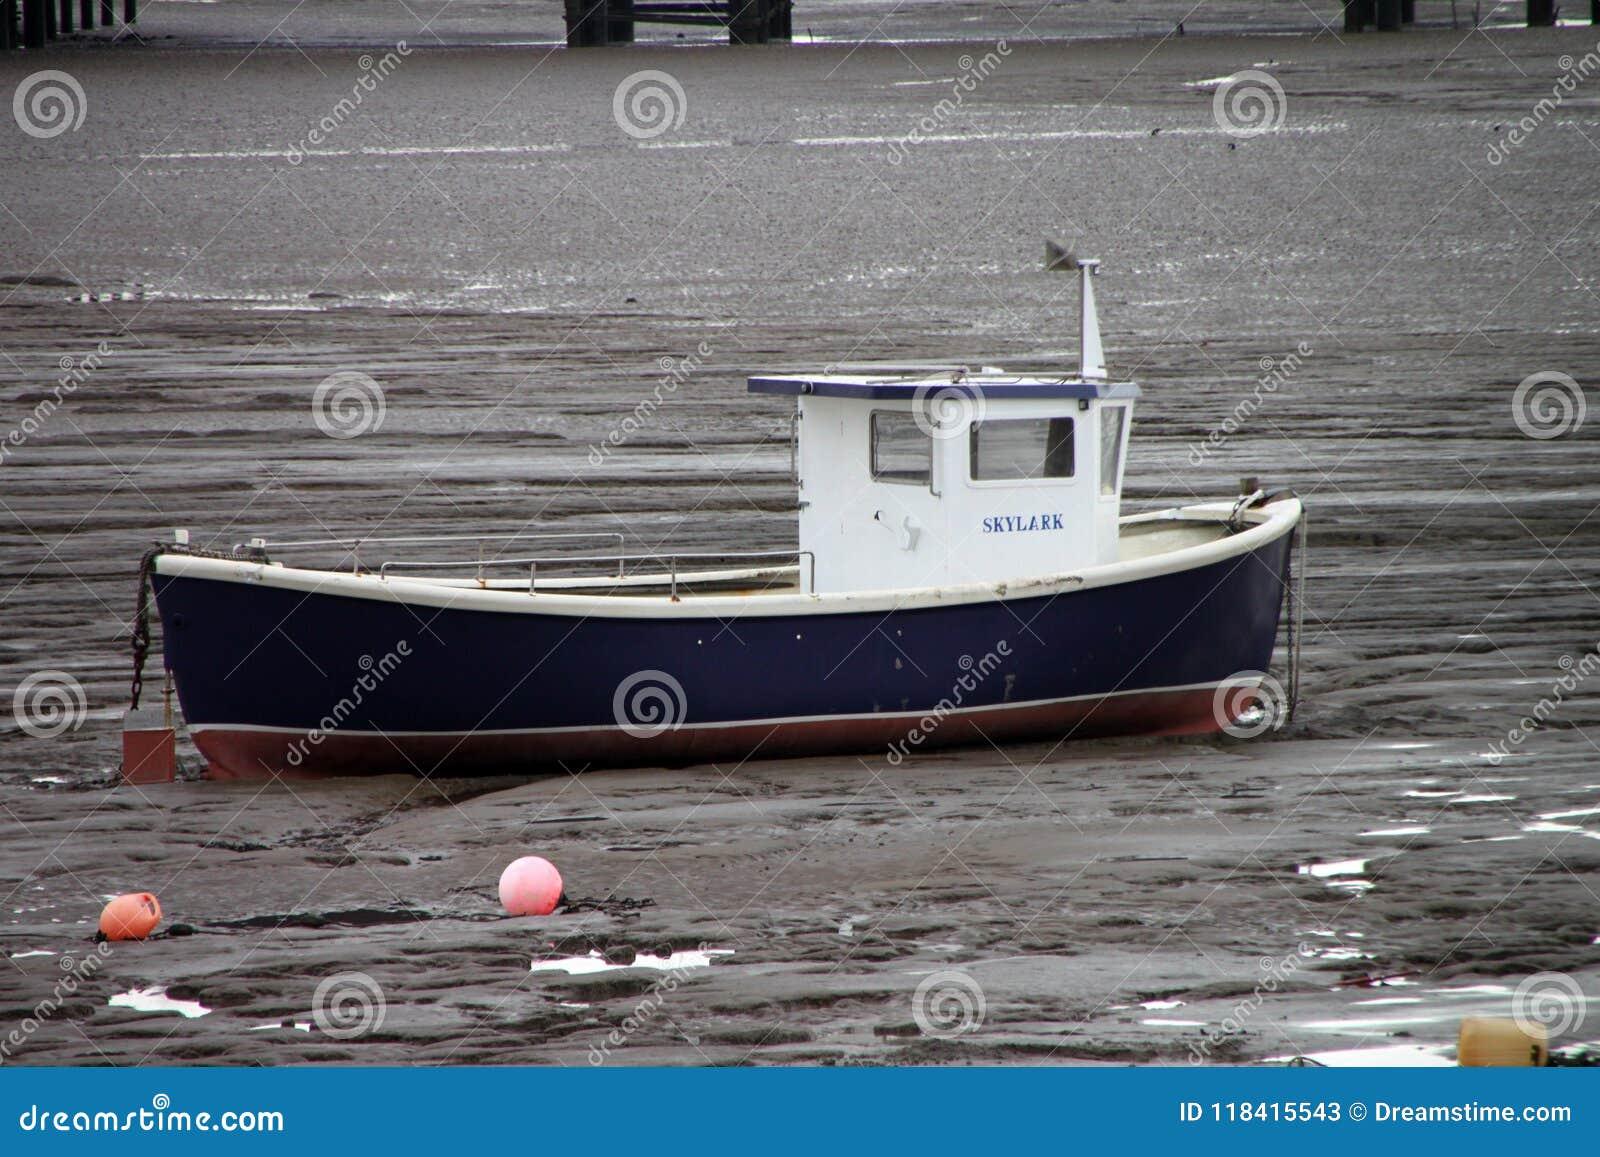 Kust van Weatern-Merrie at low tide